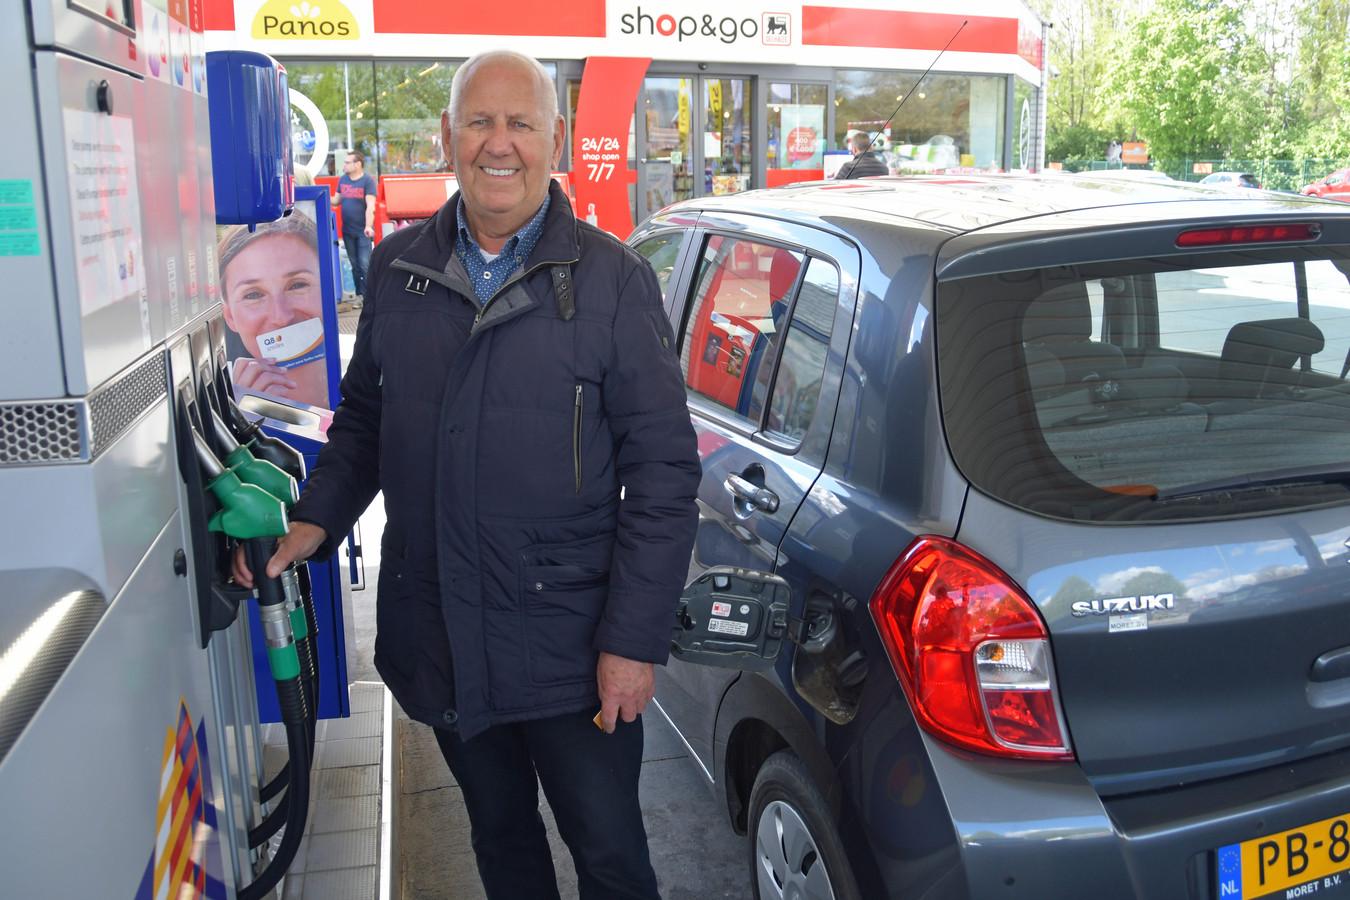 Herman Hemelsoet uit Westdorpe merkt nuchter op dat hij sowieso op pad moet voor een tankstation, omdat in Westdorpe en Sas van Gent niet meer getankt kan worden. Maar die goede prijs in Zelzate is natuurlijk een bonus.